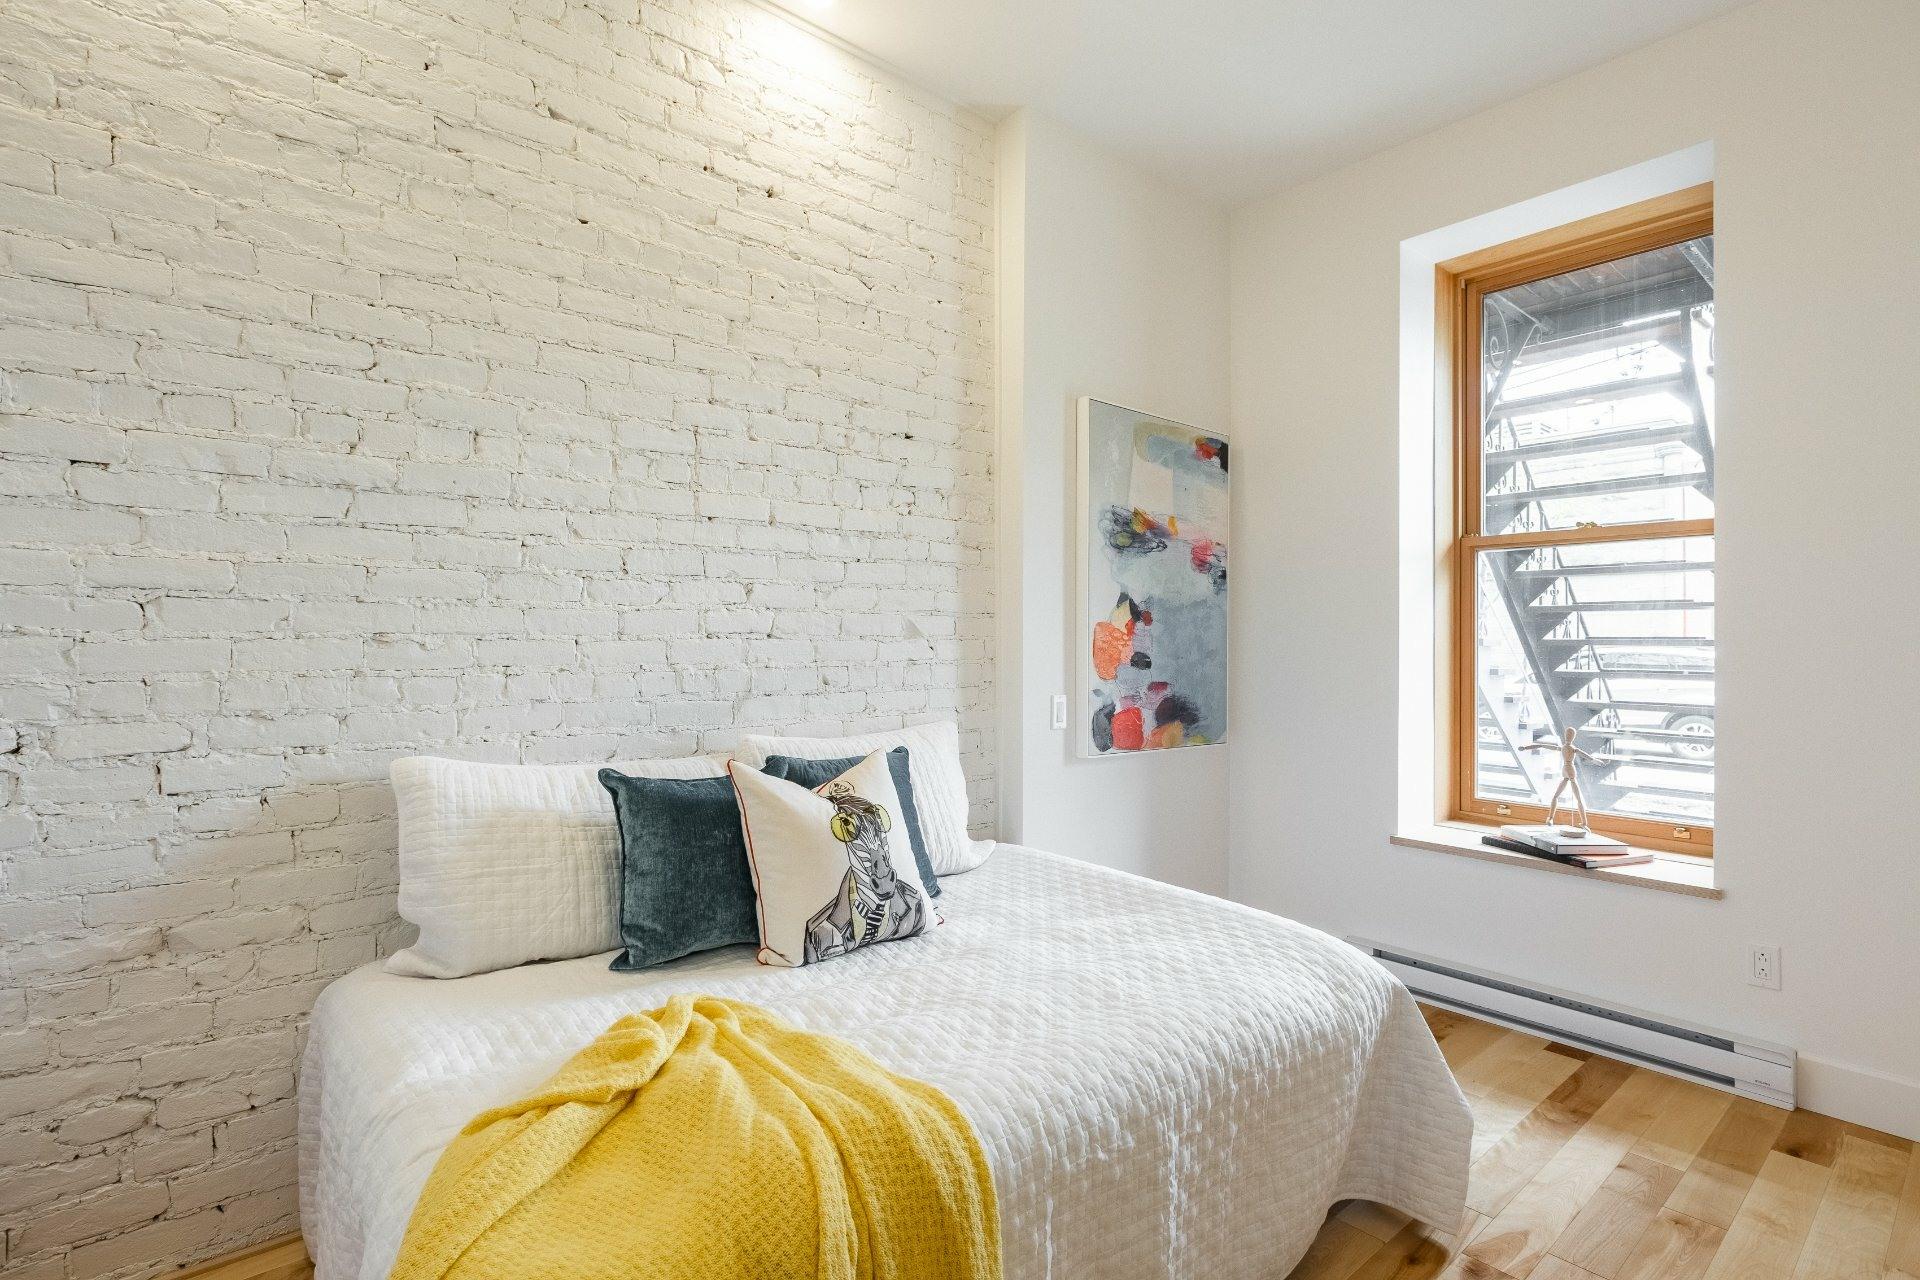 image 9 - Appartement À louer Montréal Le Plateau-Mont-Royal  - 9 pièces